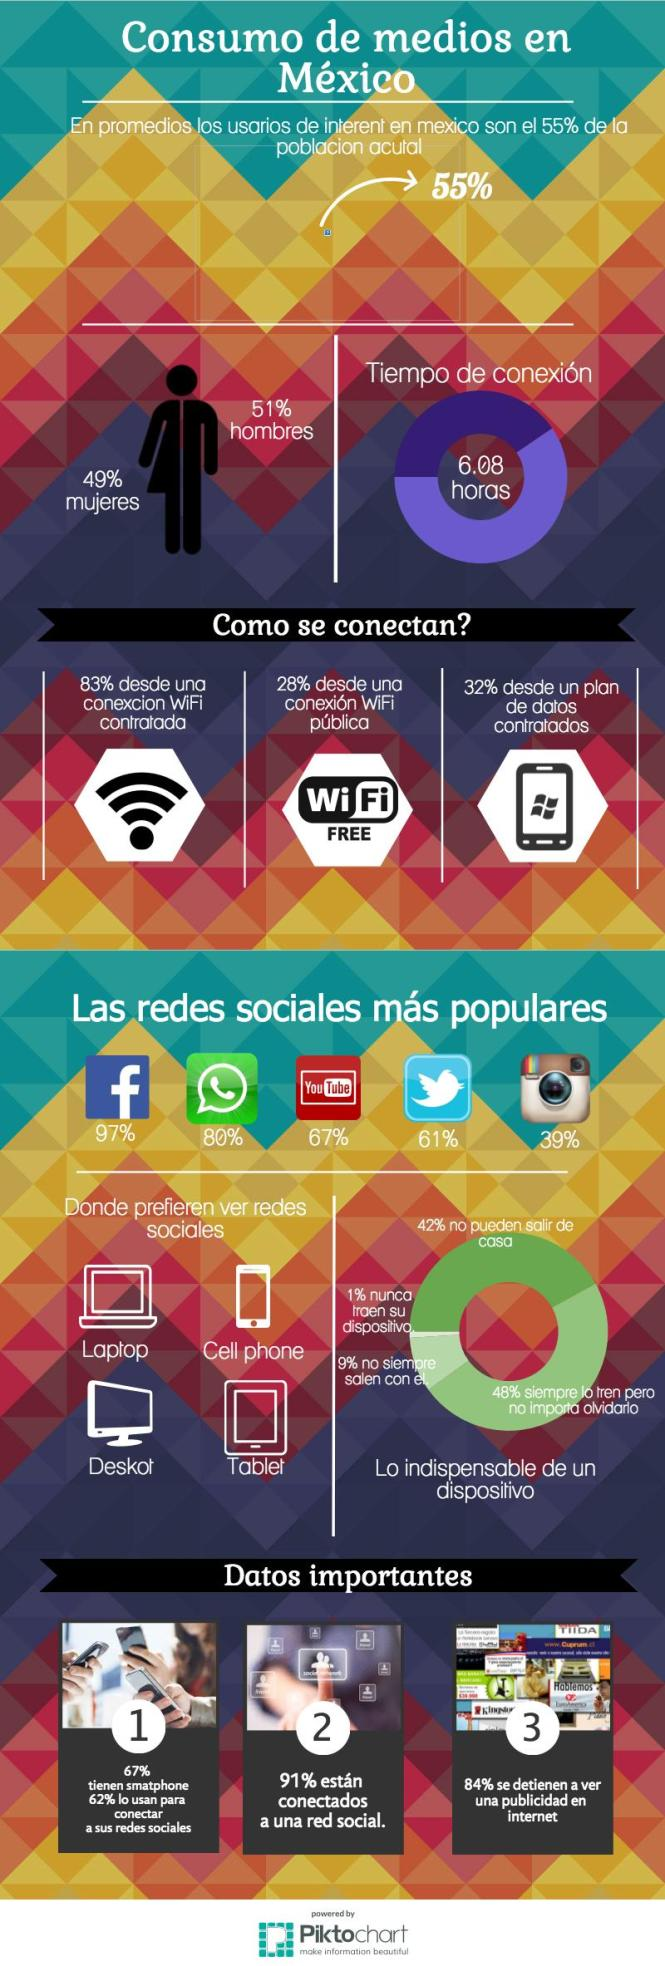 Infografía del Estudio de Consumo de Medios 2015